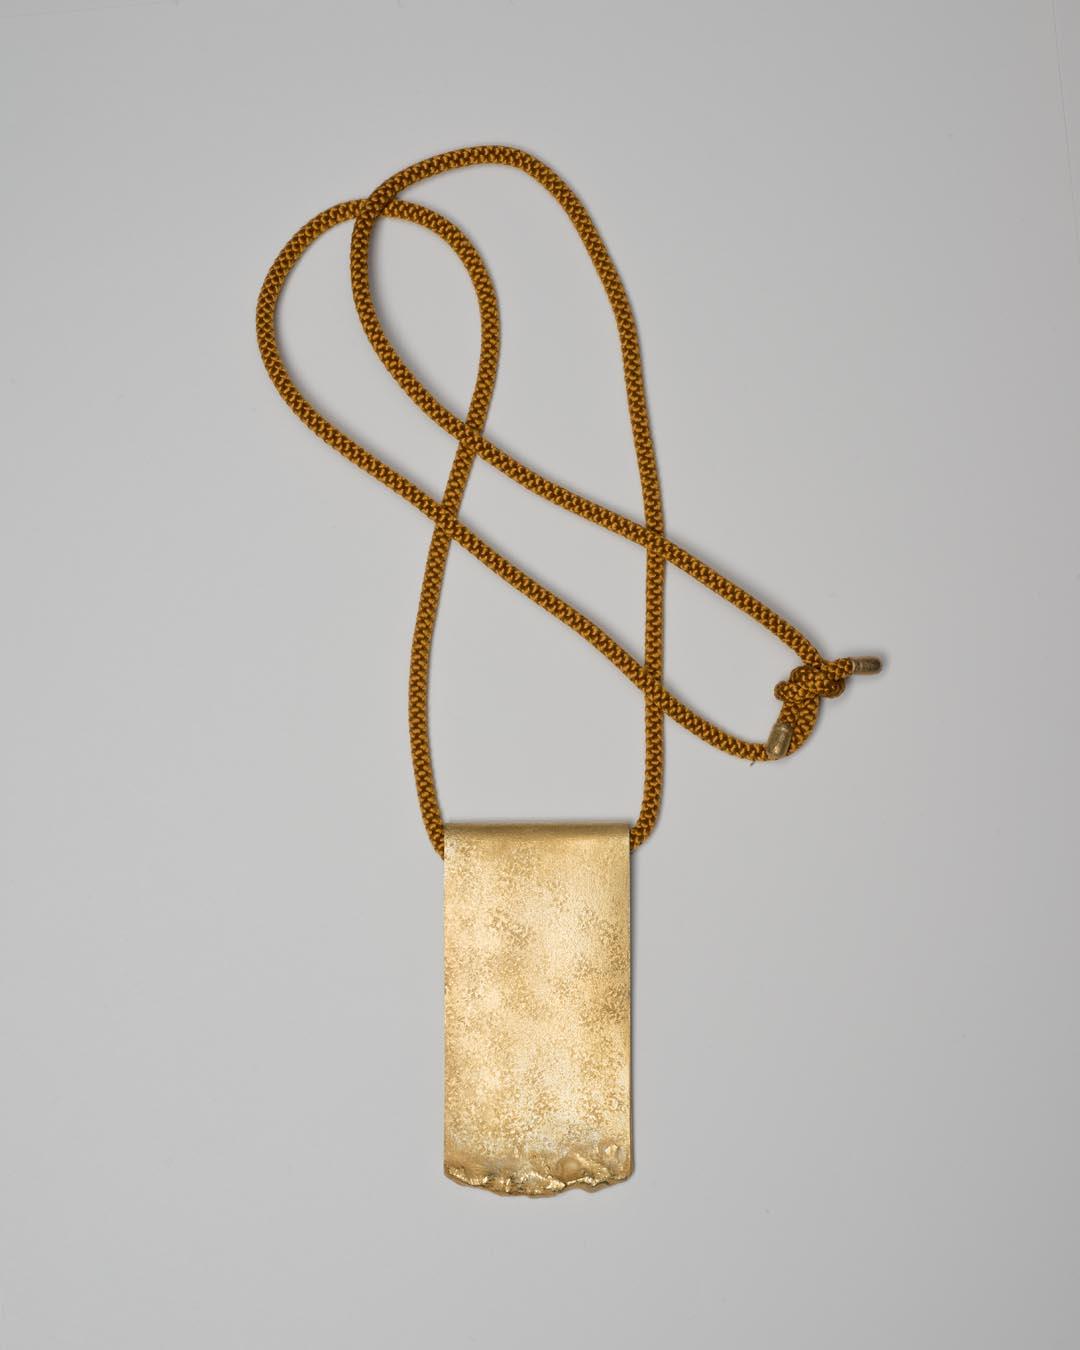 Yasuki Hiramatsu, untitled, 1999, pendant; gold-plated silver, 46 x 94 x 8 mm, €2500